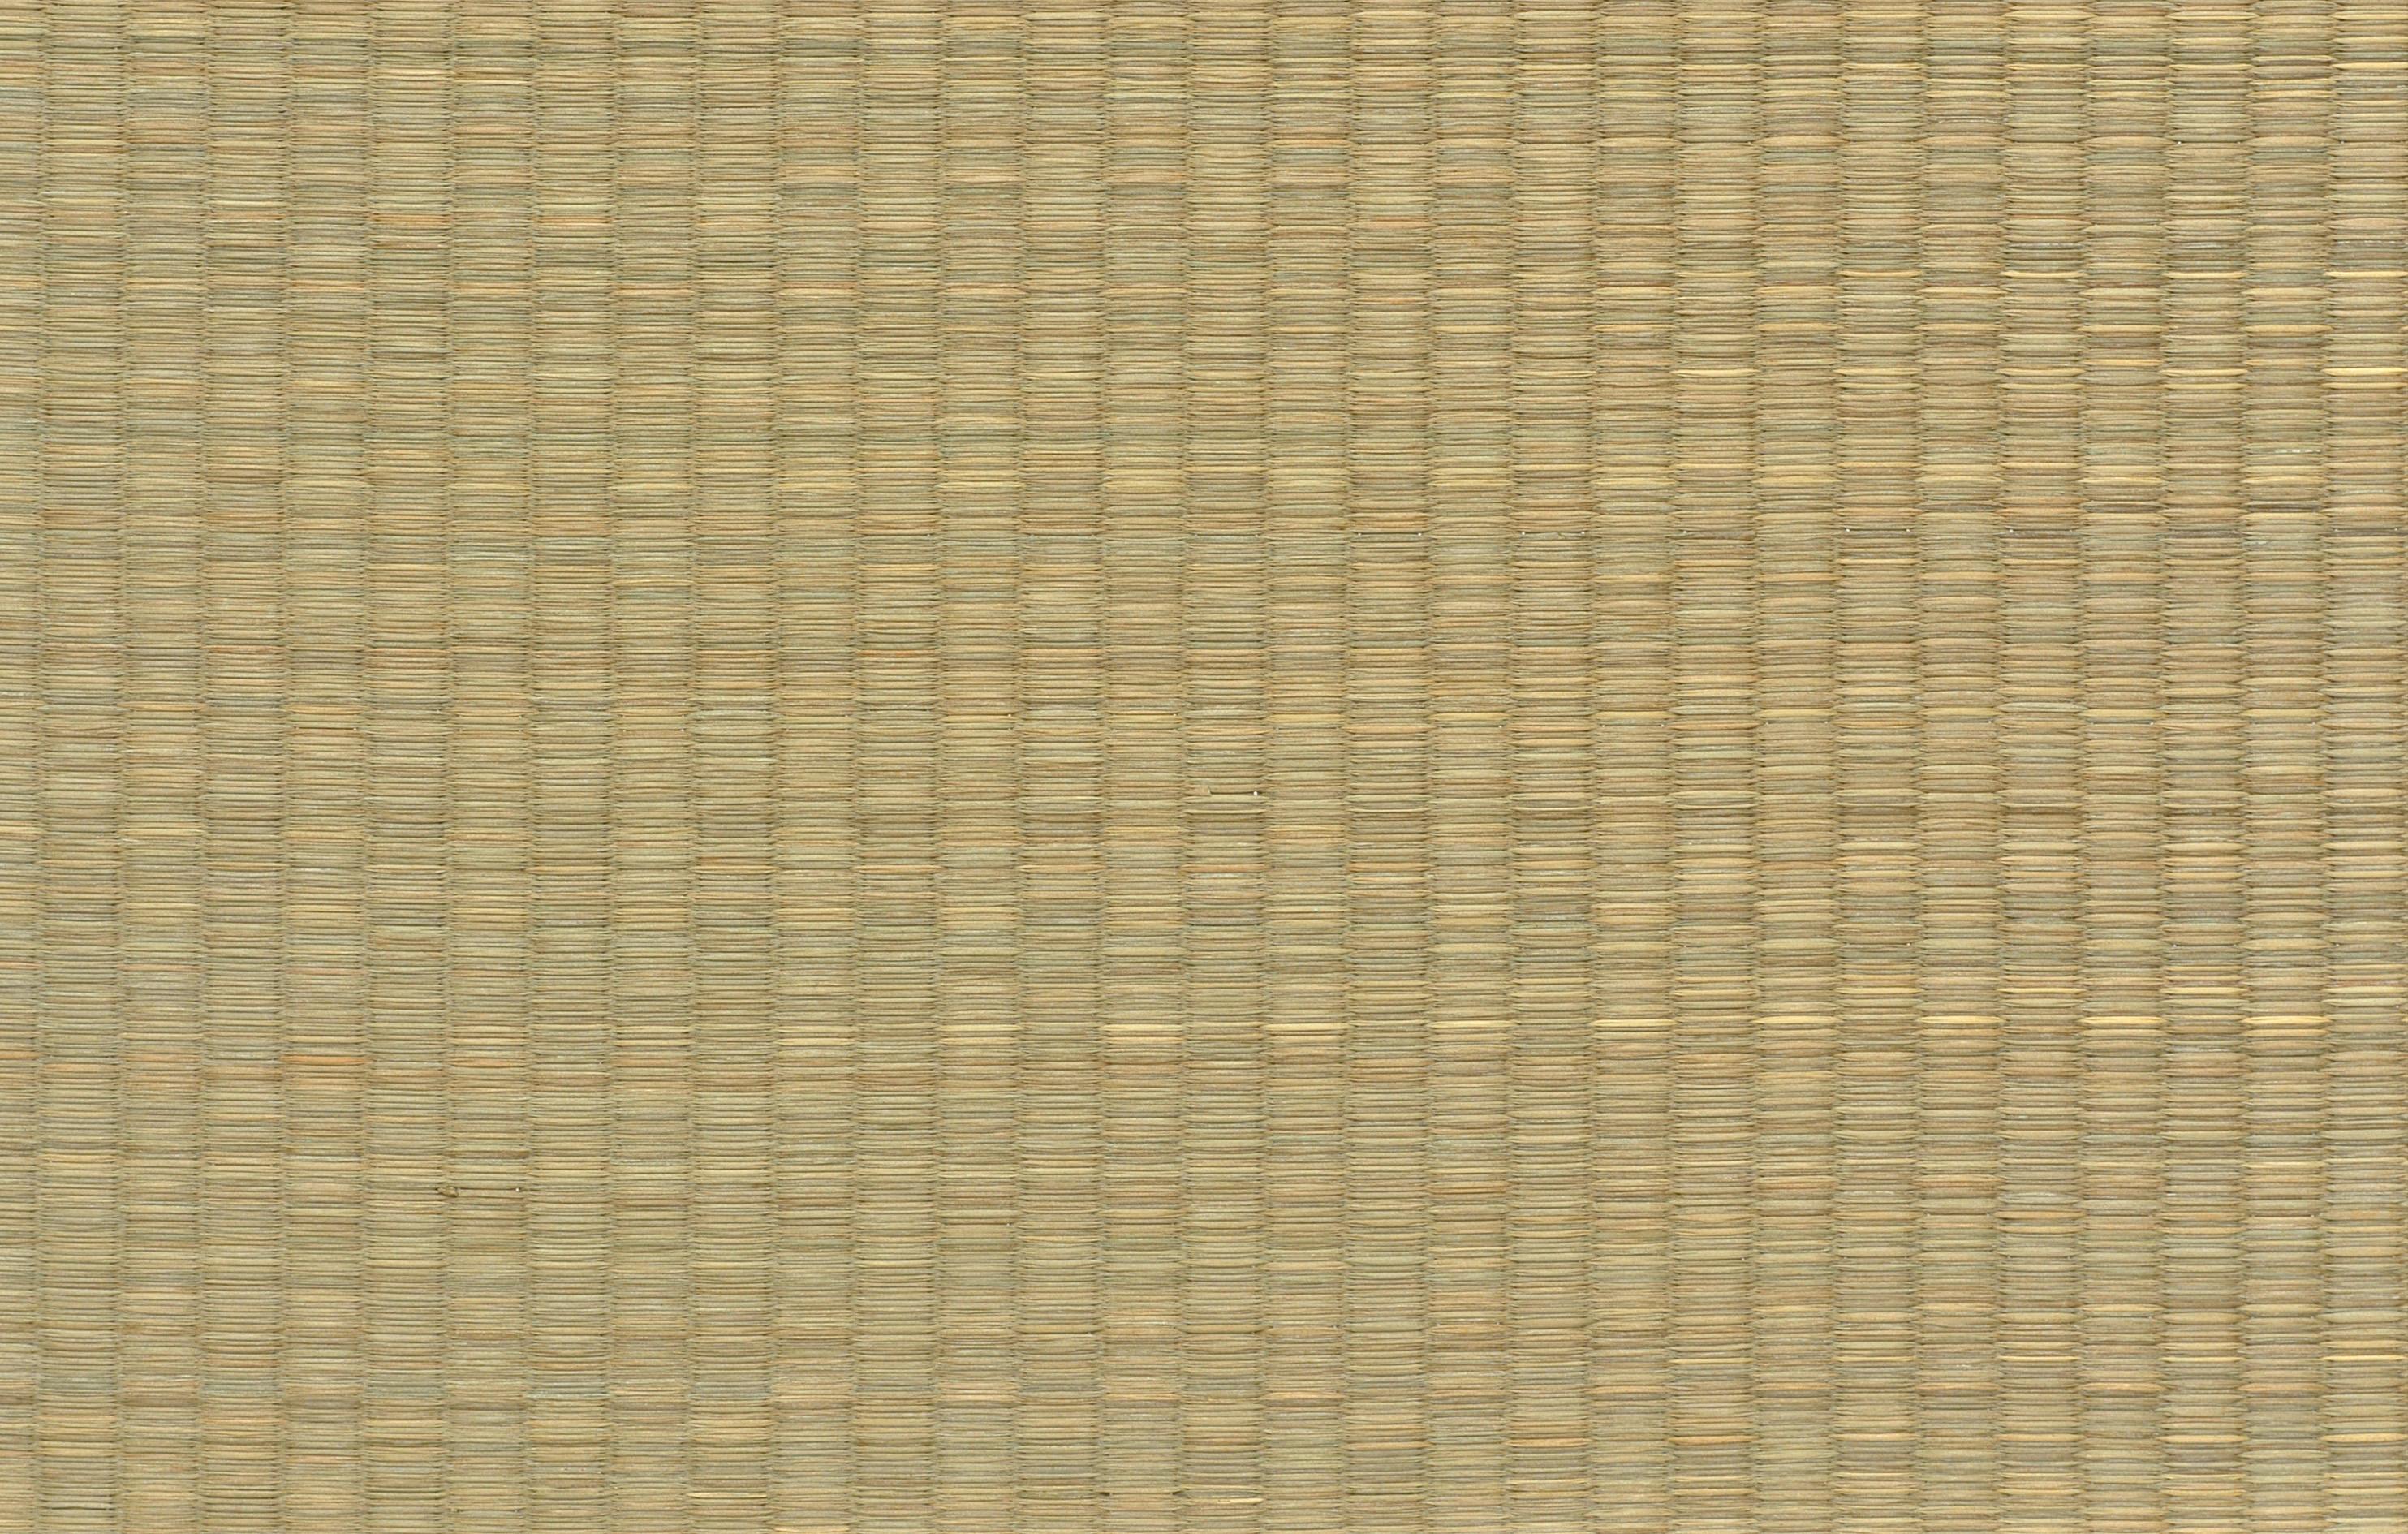 木材-编制品(13)高清贴图【ID:736964268】